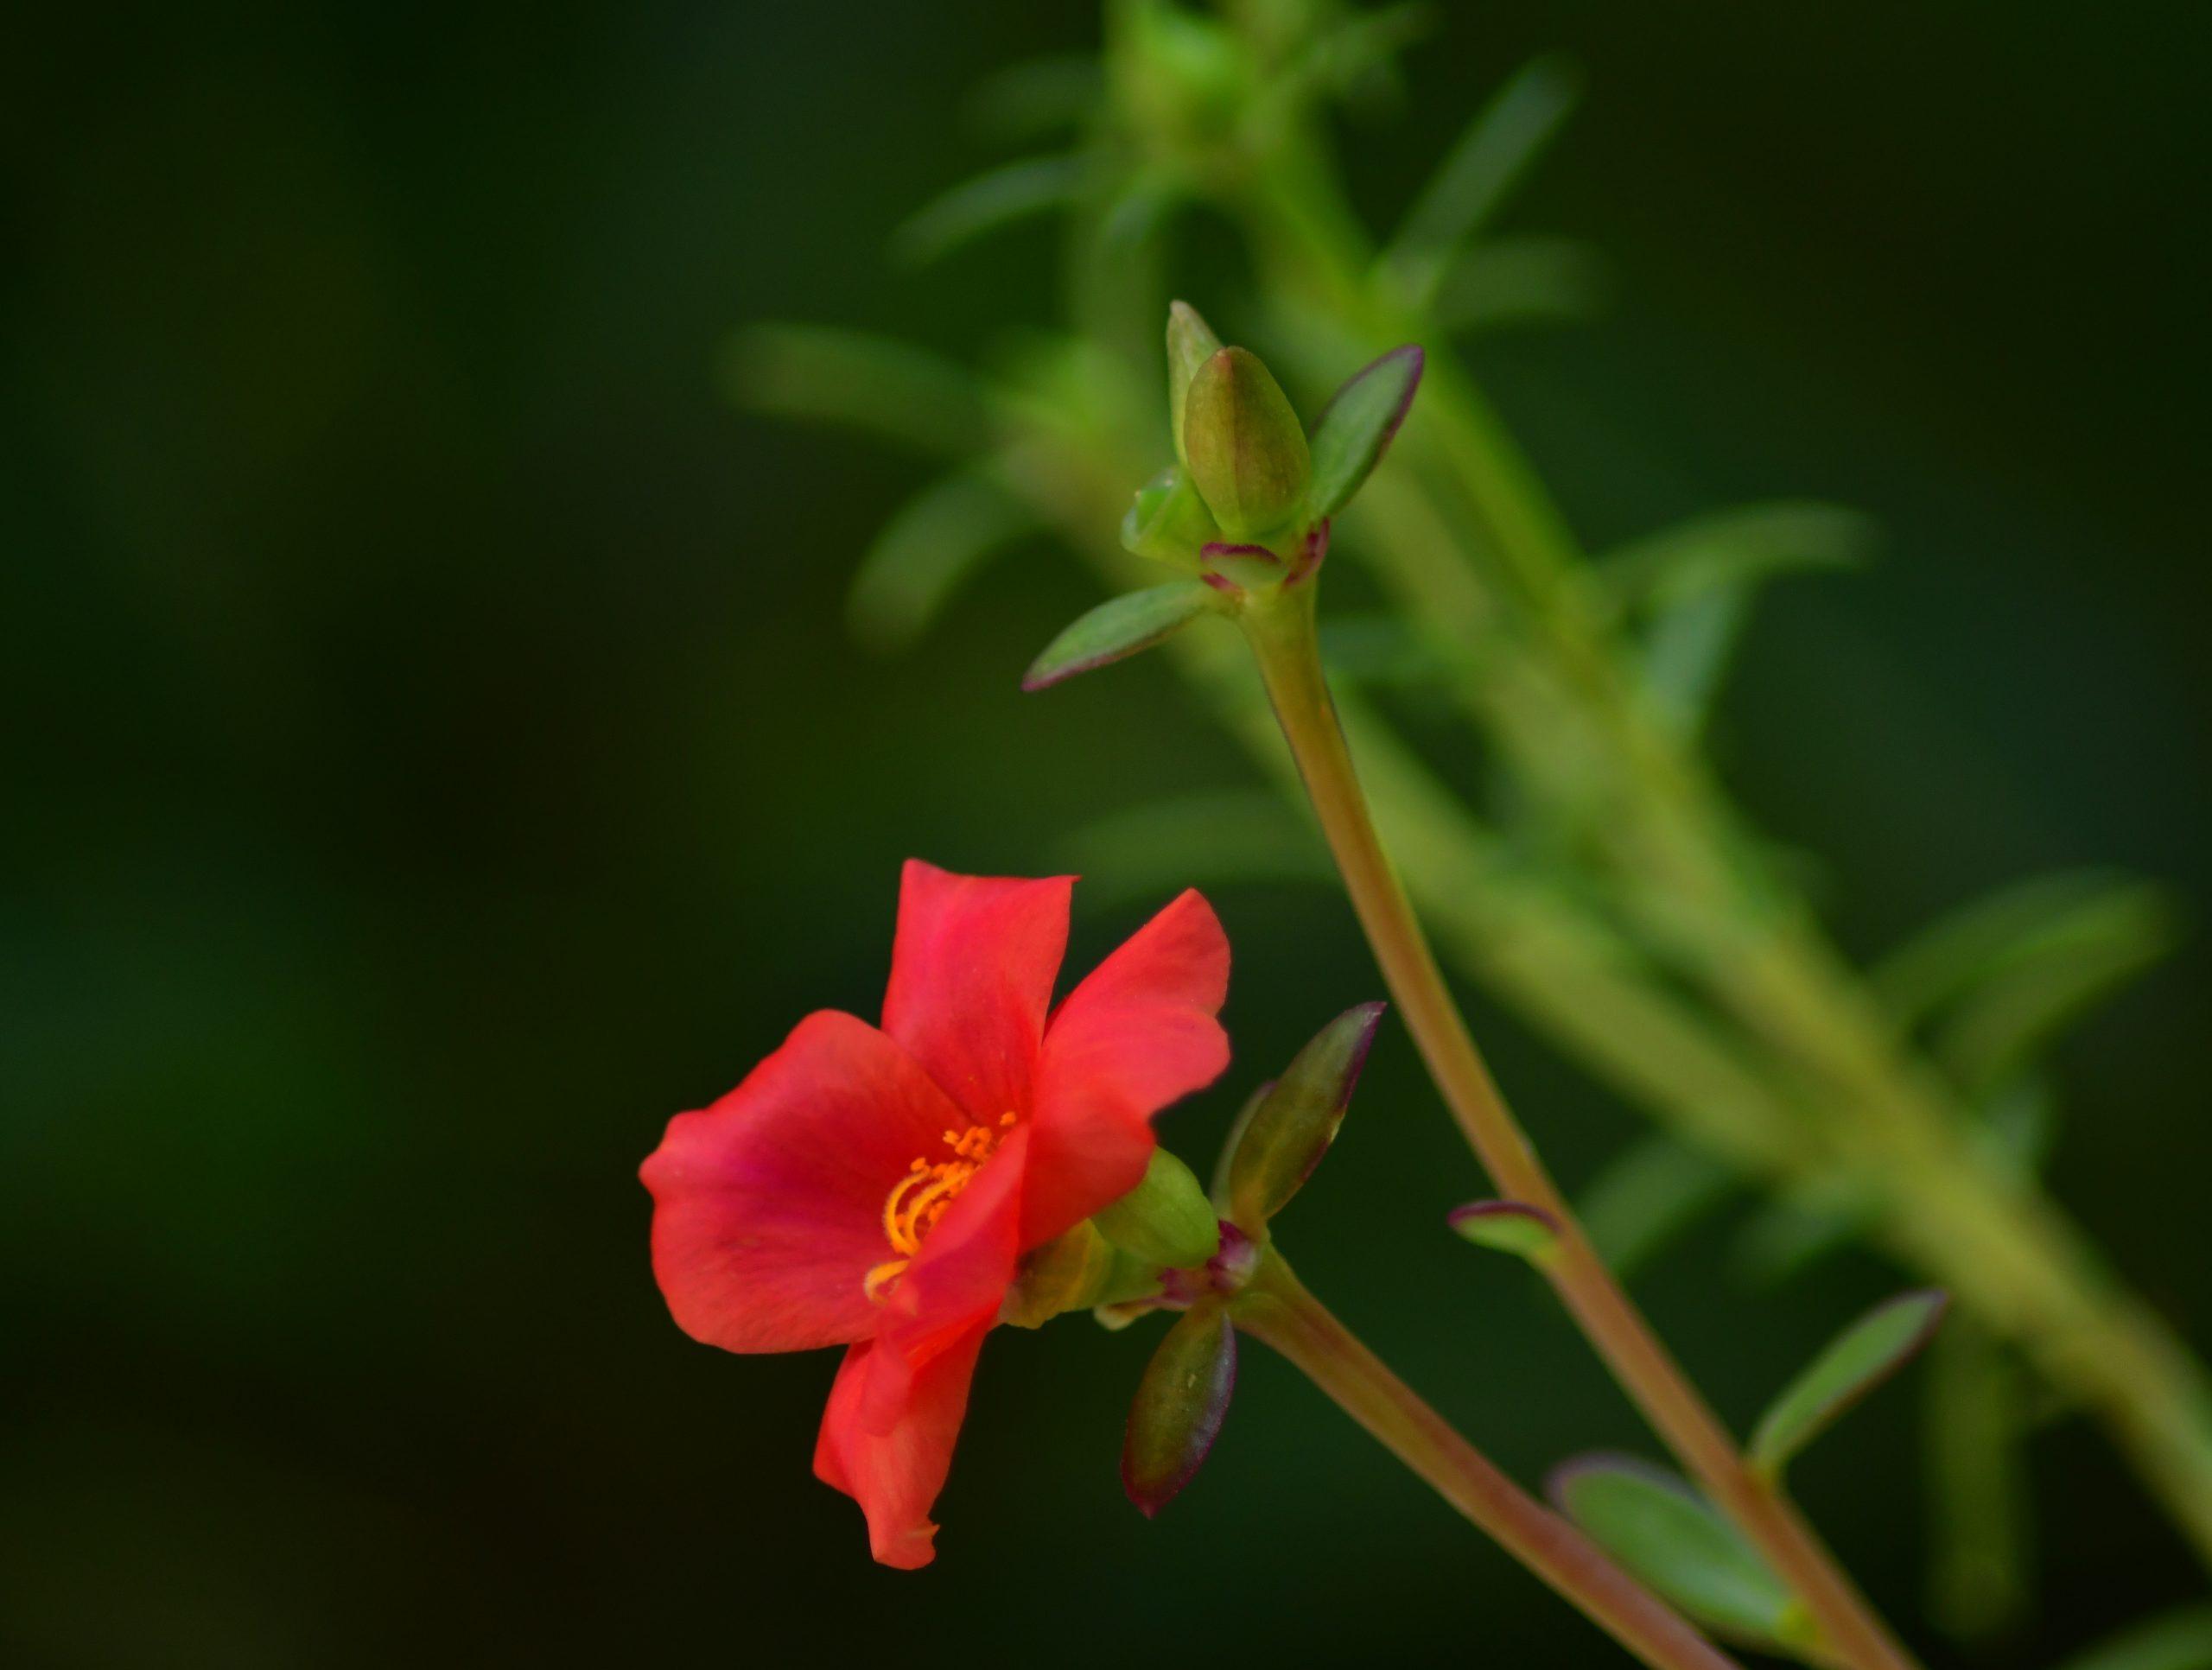 pink portulaca flower